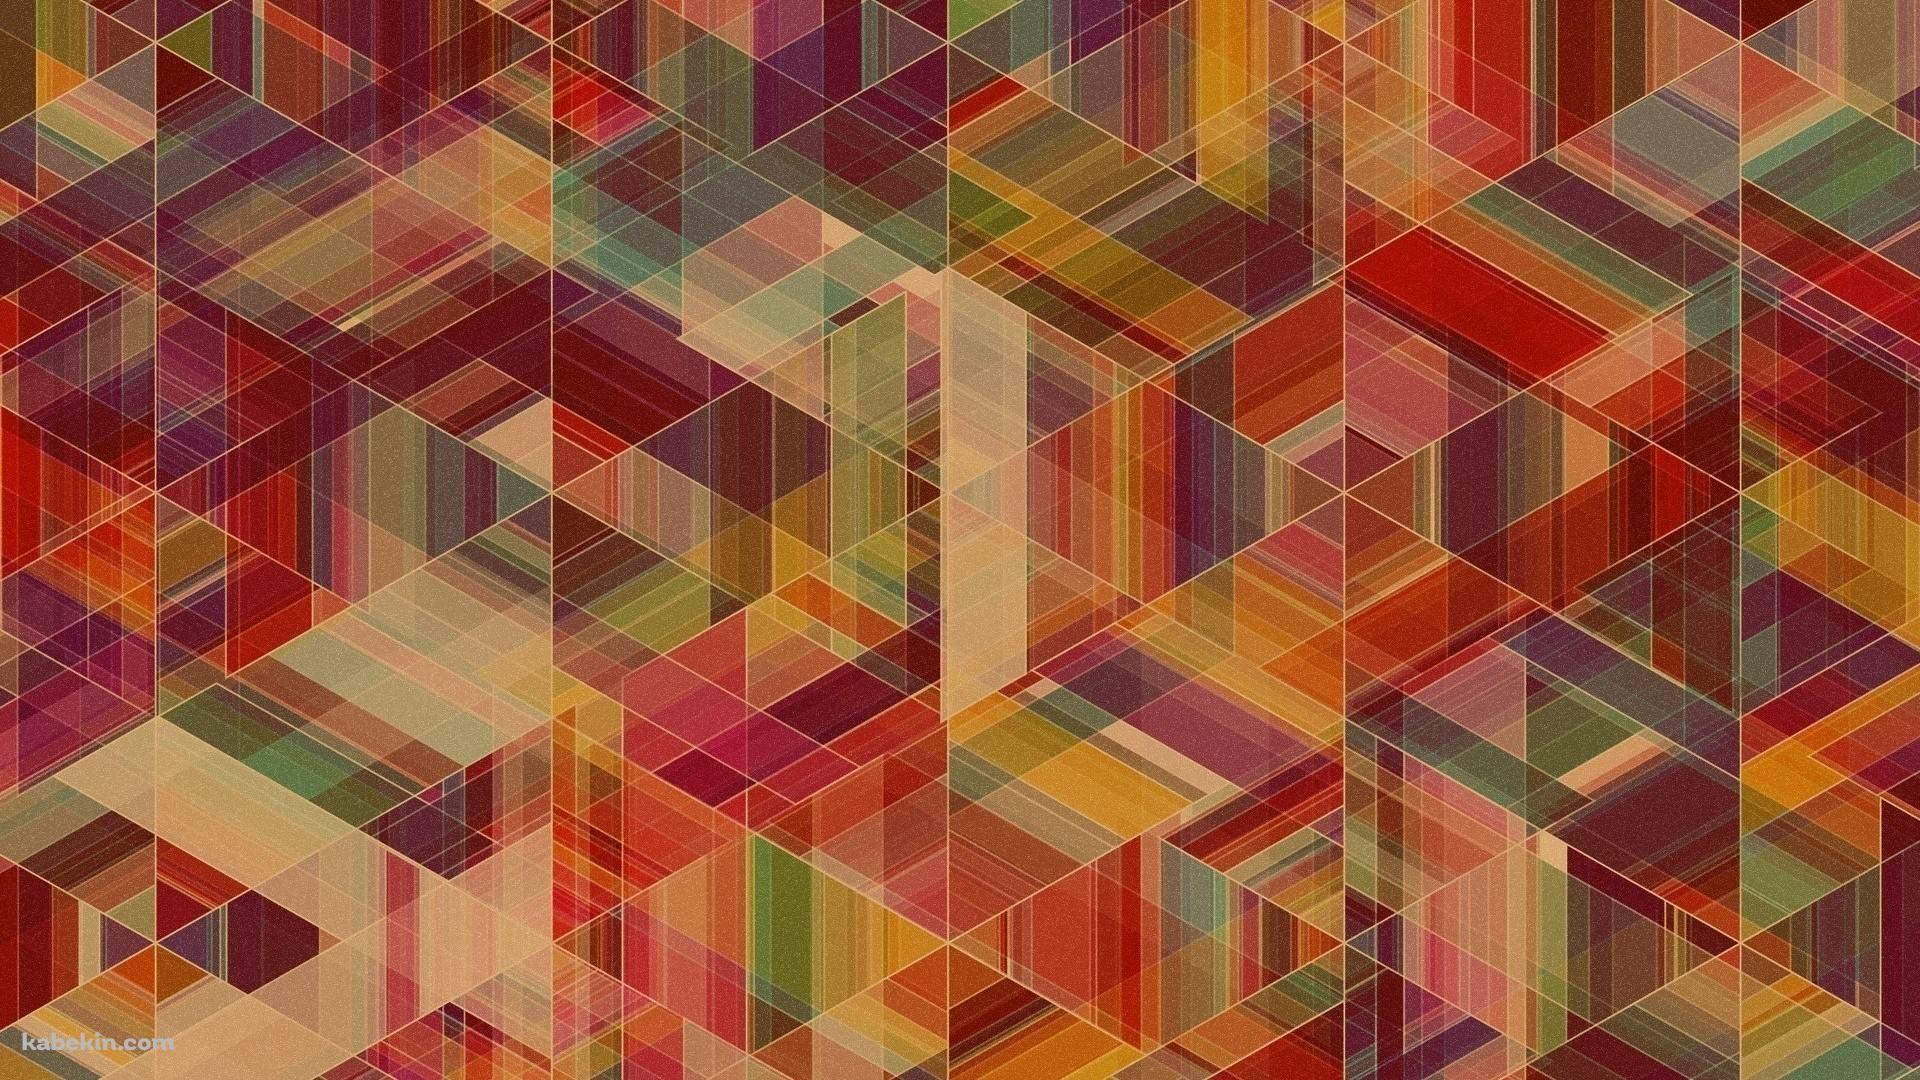 ランダムの幾何学模様 1920 X 1080 の壁紙 壁紙キングダム Pc